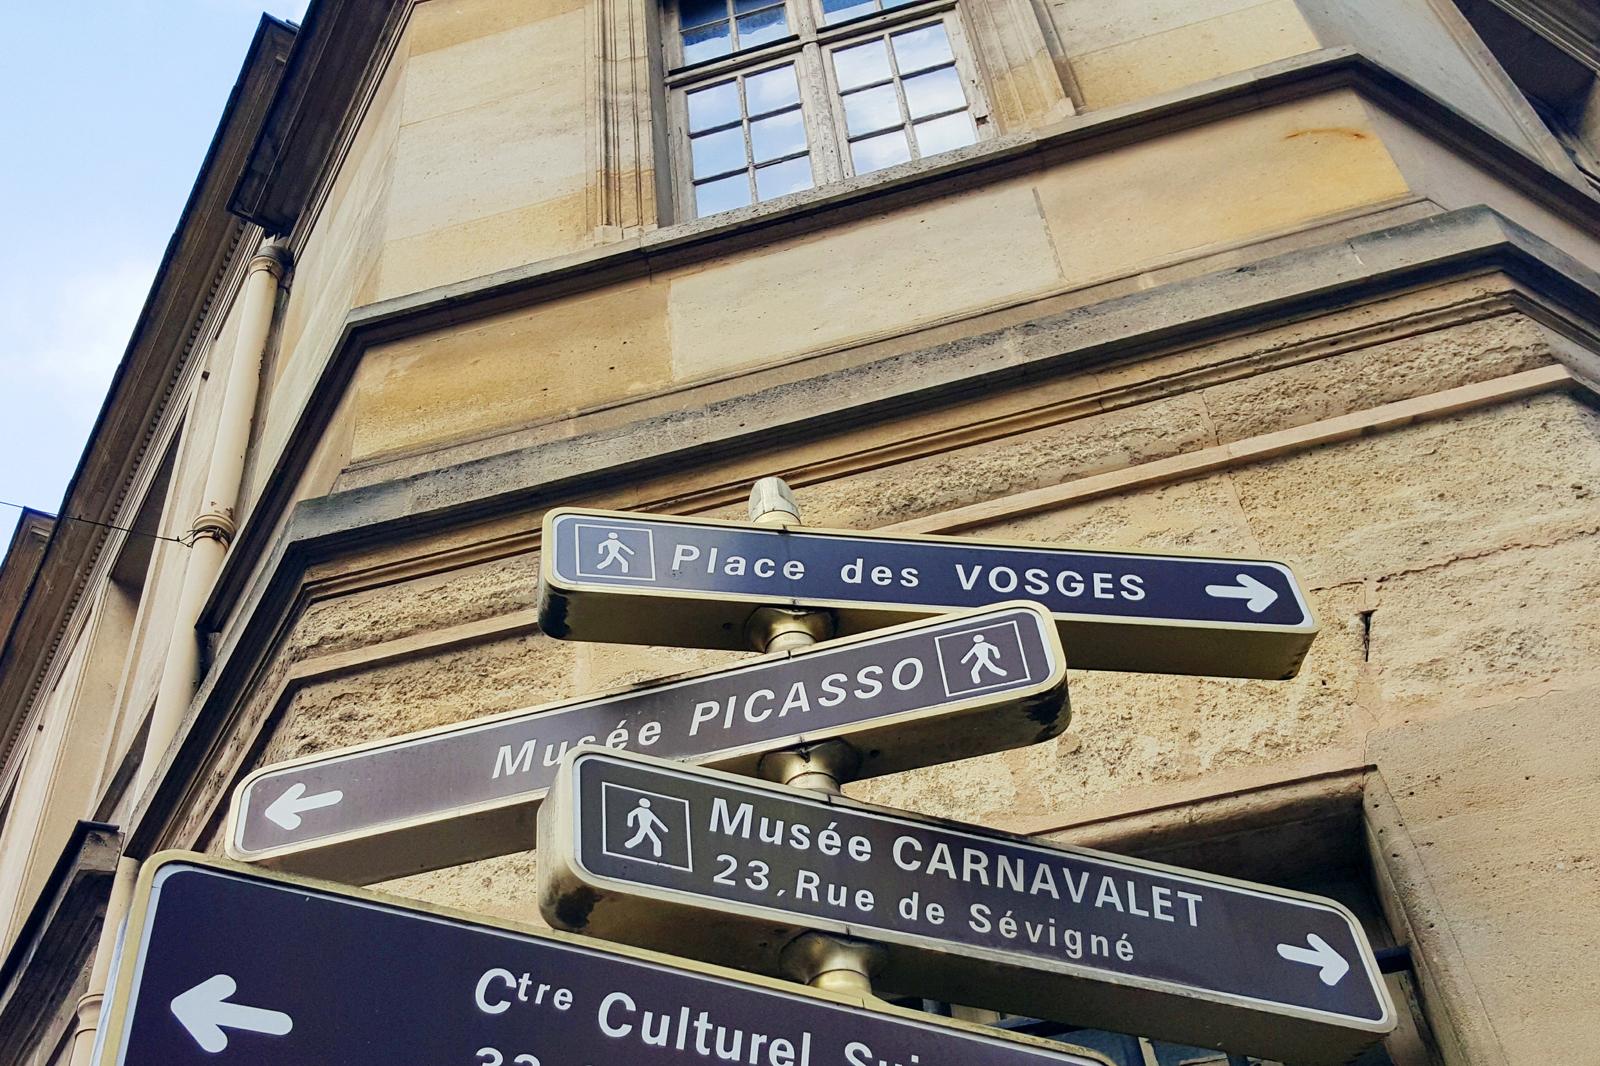 Le Marais rue panneaux de direction Musée national Picasso Paris Musée Carnavelet Place des Vosges photo by united states of paris blog